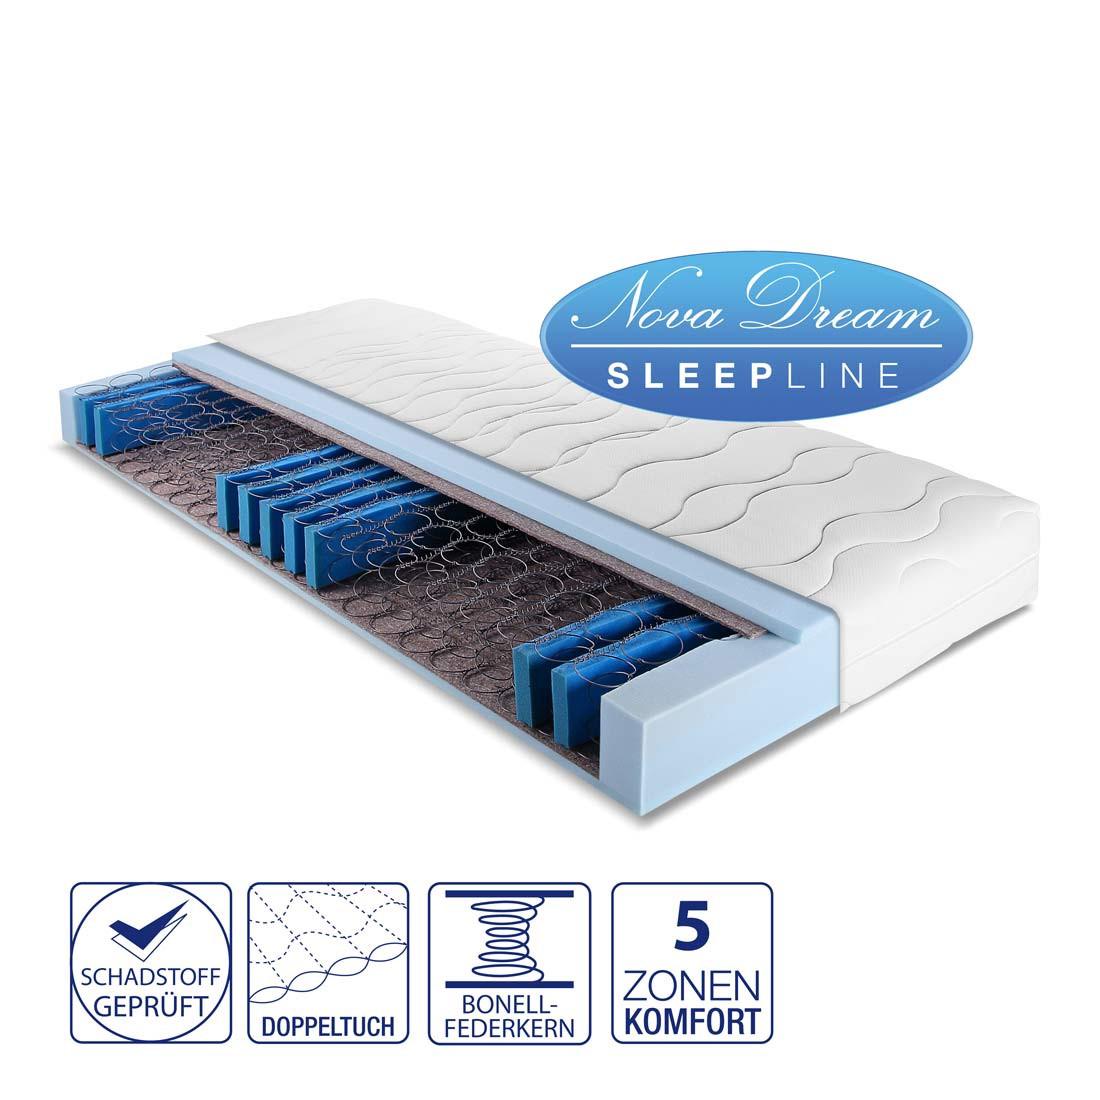 5-Zonen Federkernmatratze Big – 100 x 200cm – H2 bis 80 kg, Nova Dream Sleepline kaufen